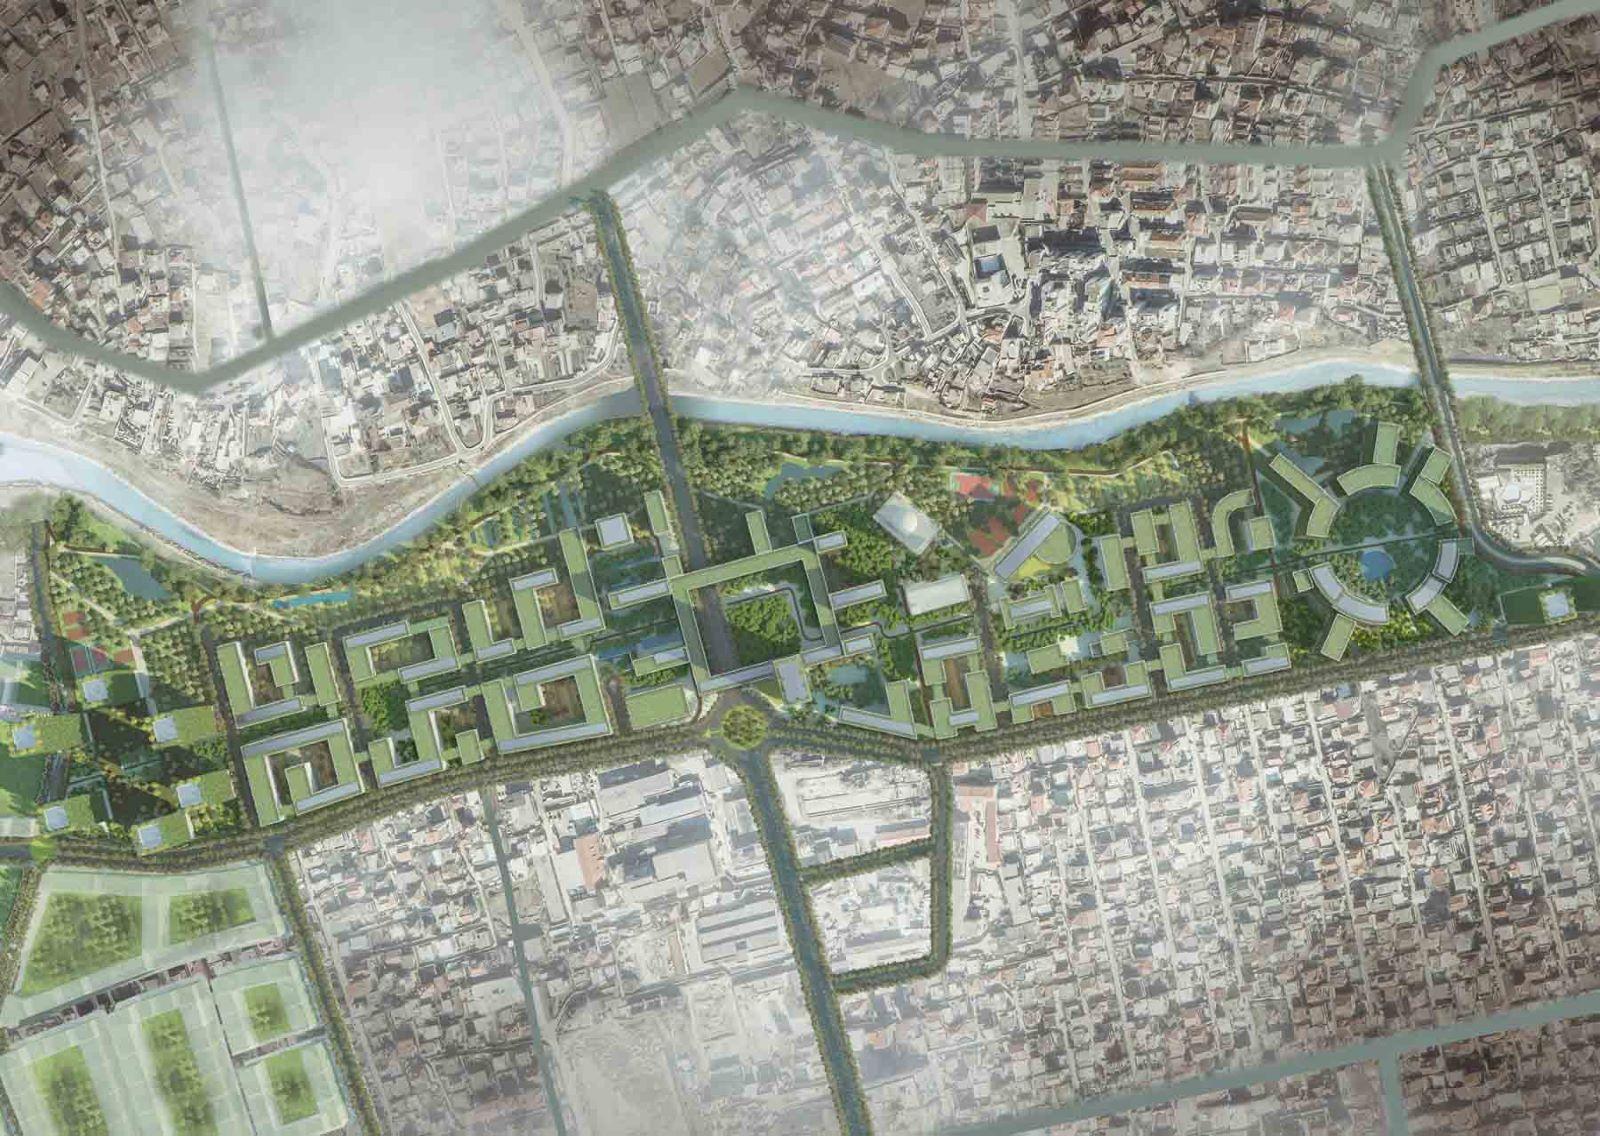 Si po e privatizon qeveria Tiranën përmes Rindërtimit?